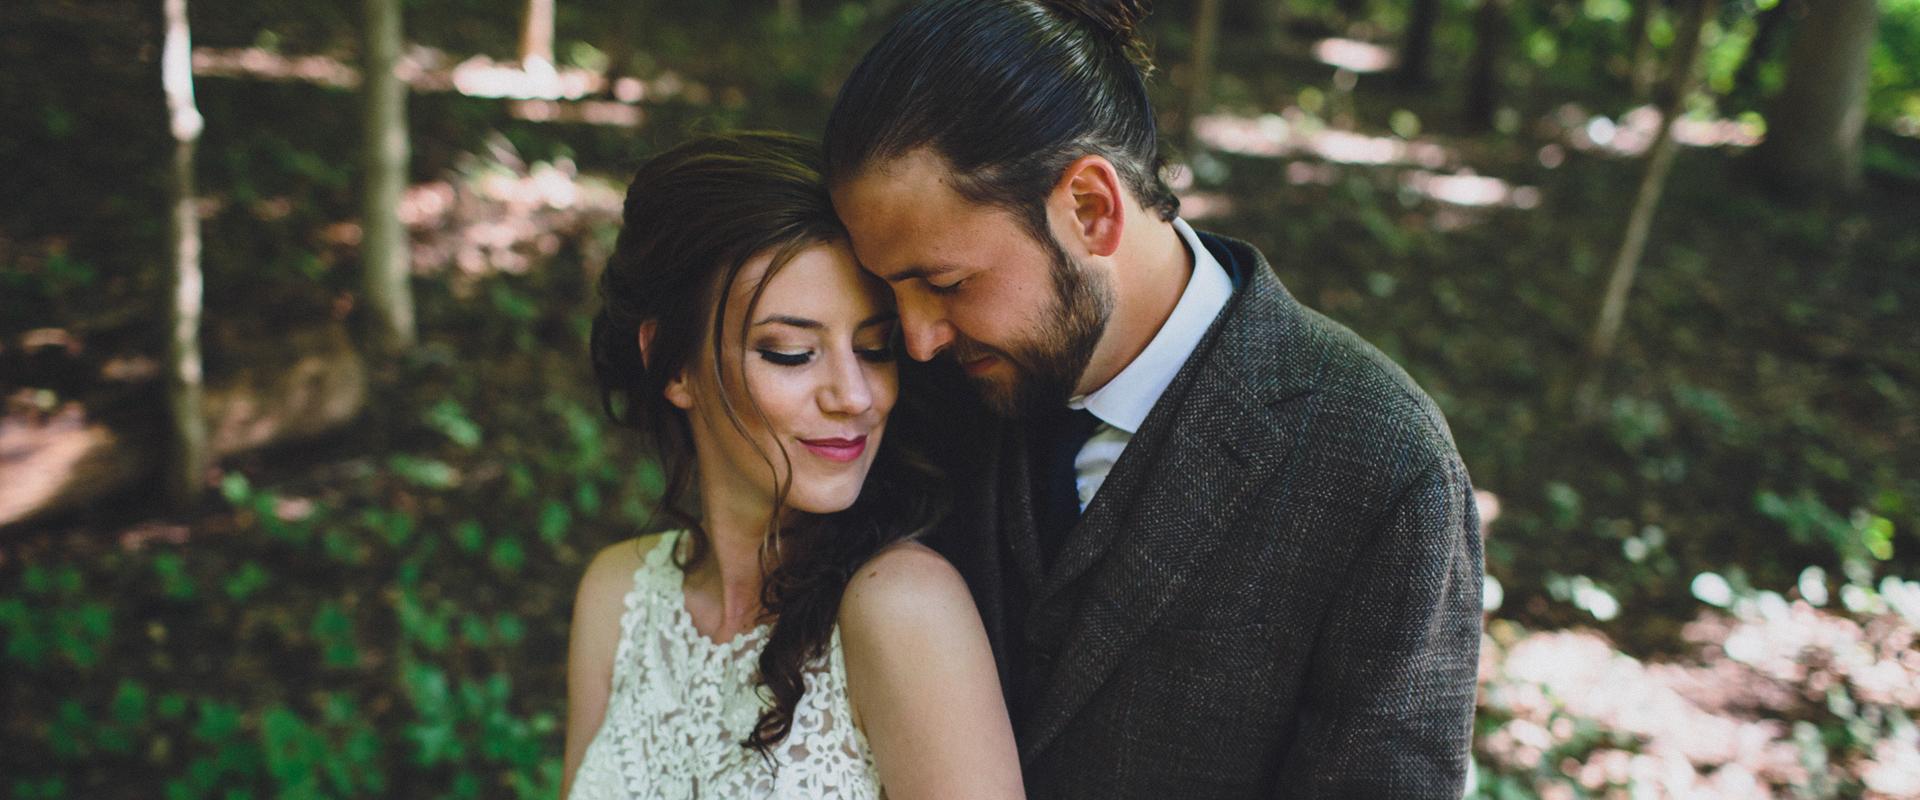 outdoor chicago wedding portrait